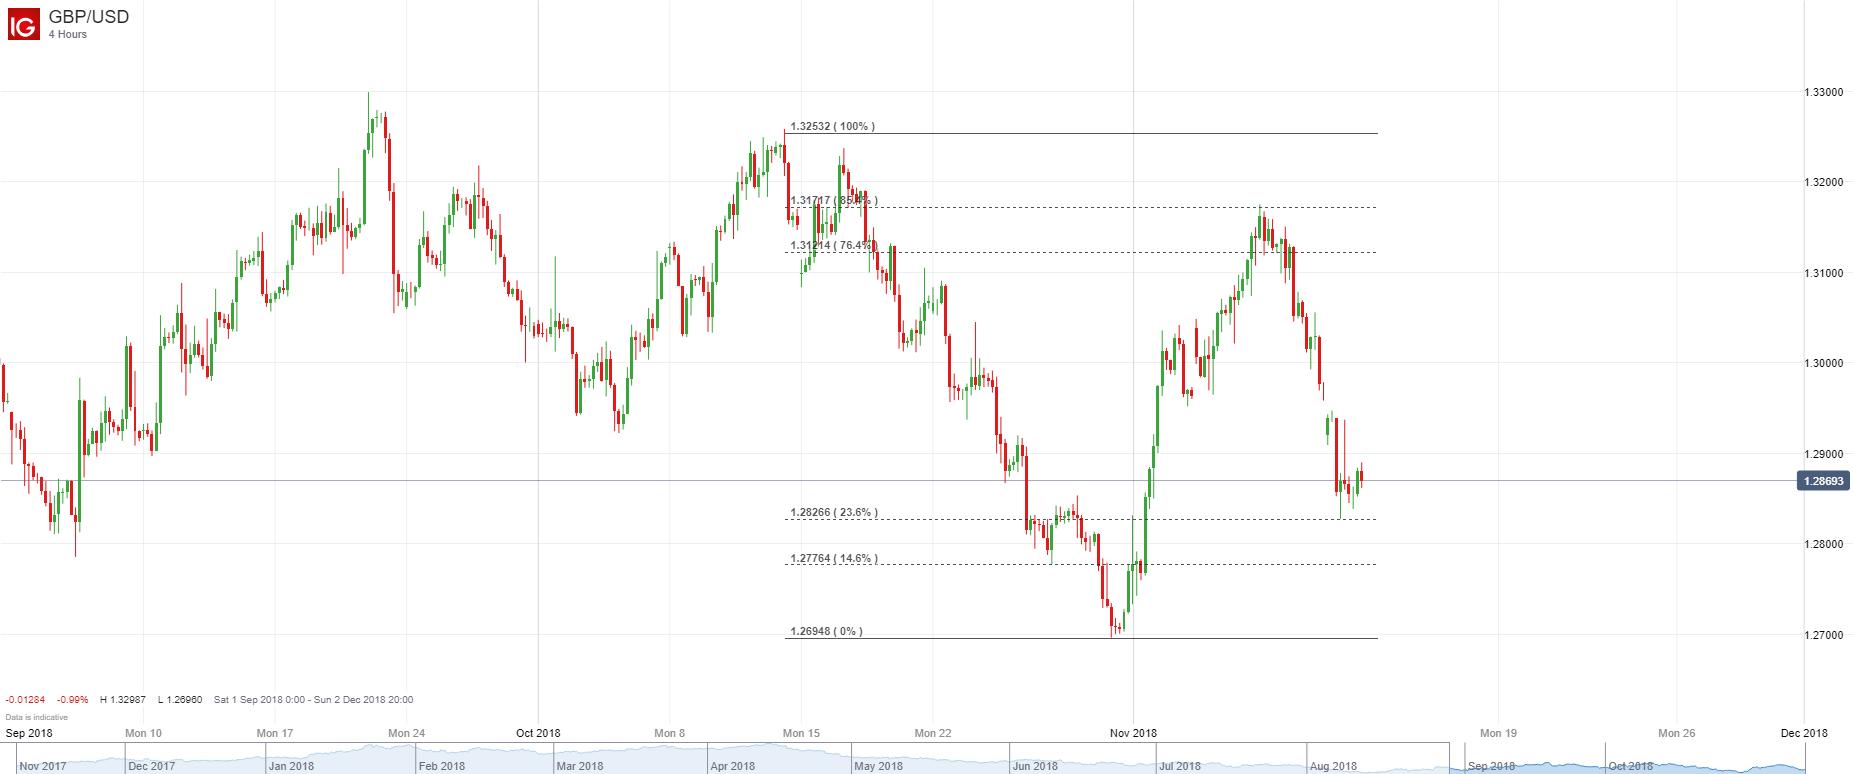 英镑/美元技术分析:盘中走势震荡,4小时图短期跌势完好